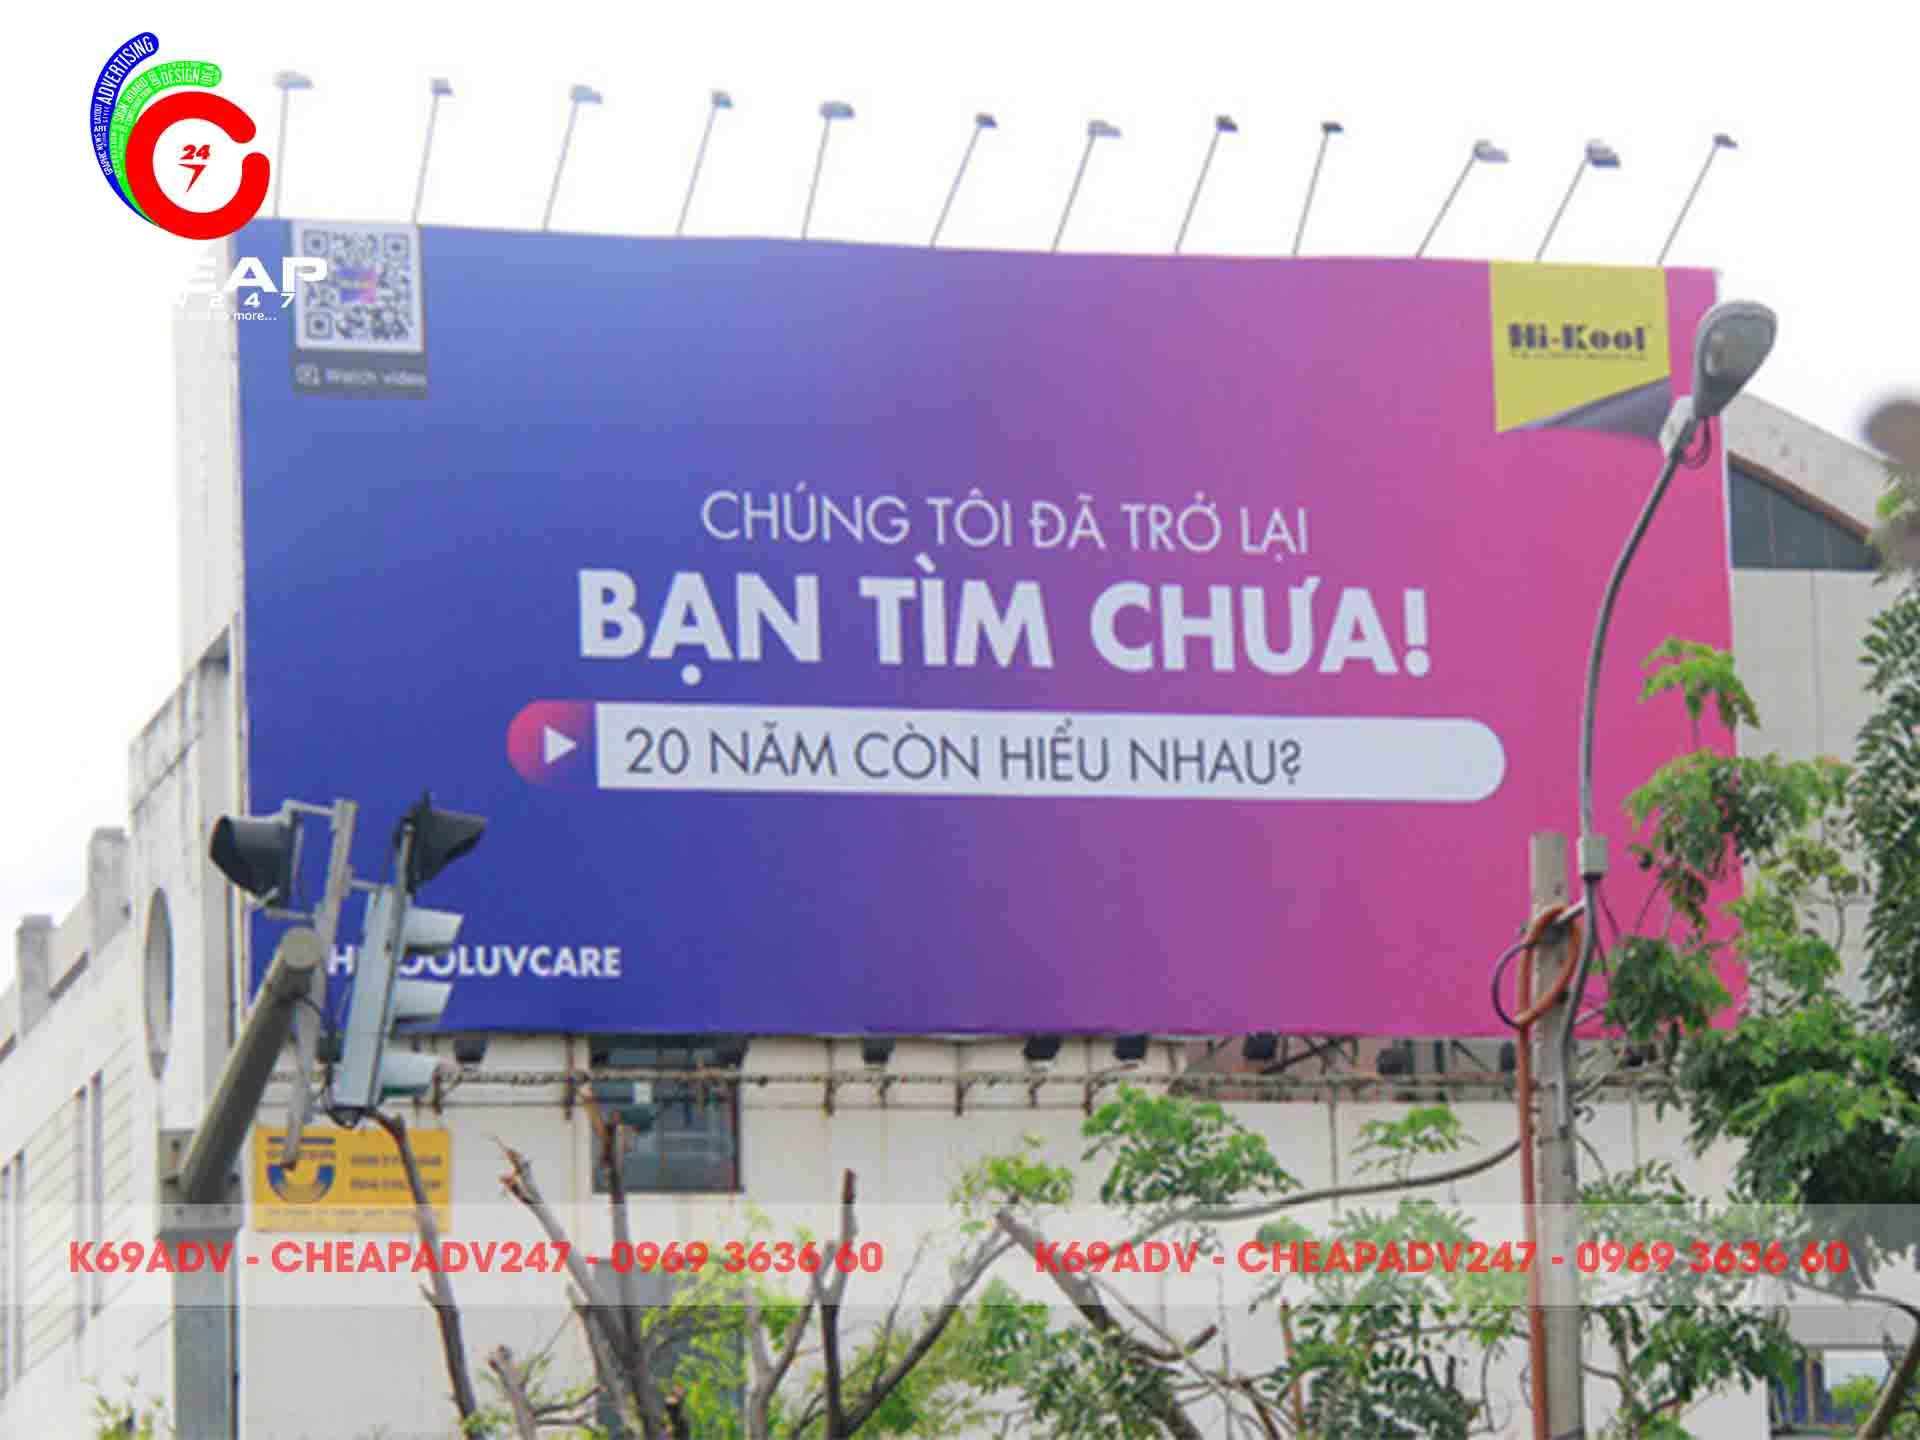 Mẫu bảng hiệu PANO ngoài trời cho tòa nhà tại Cheapadv247